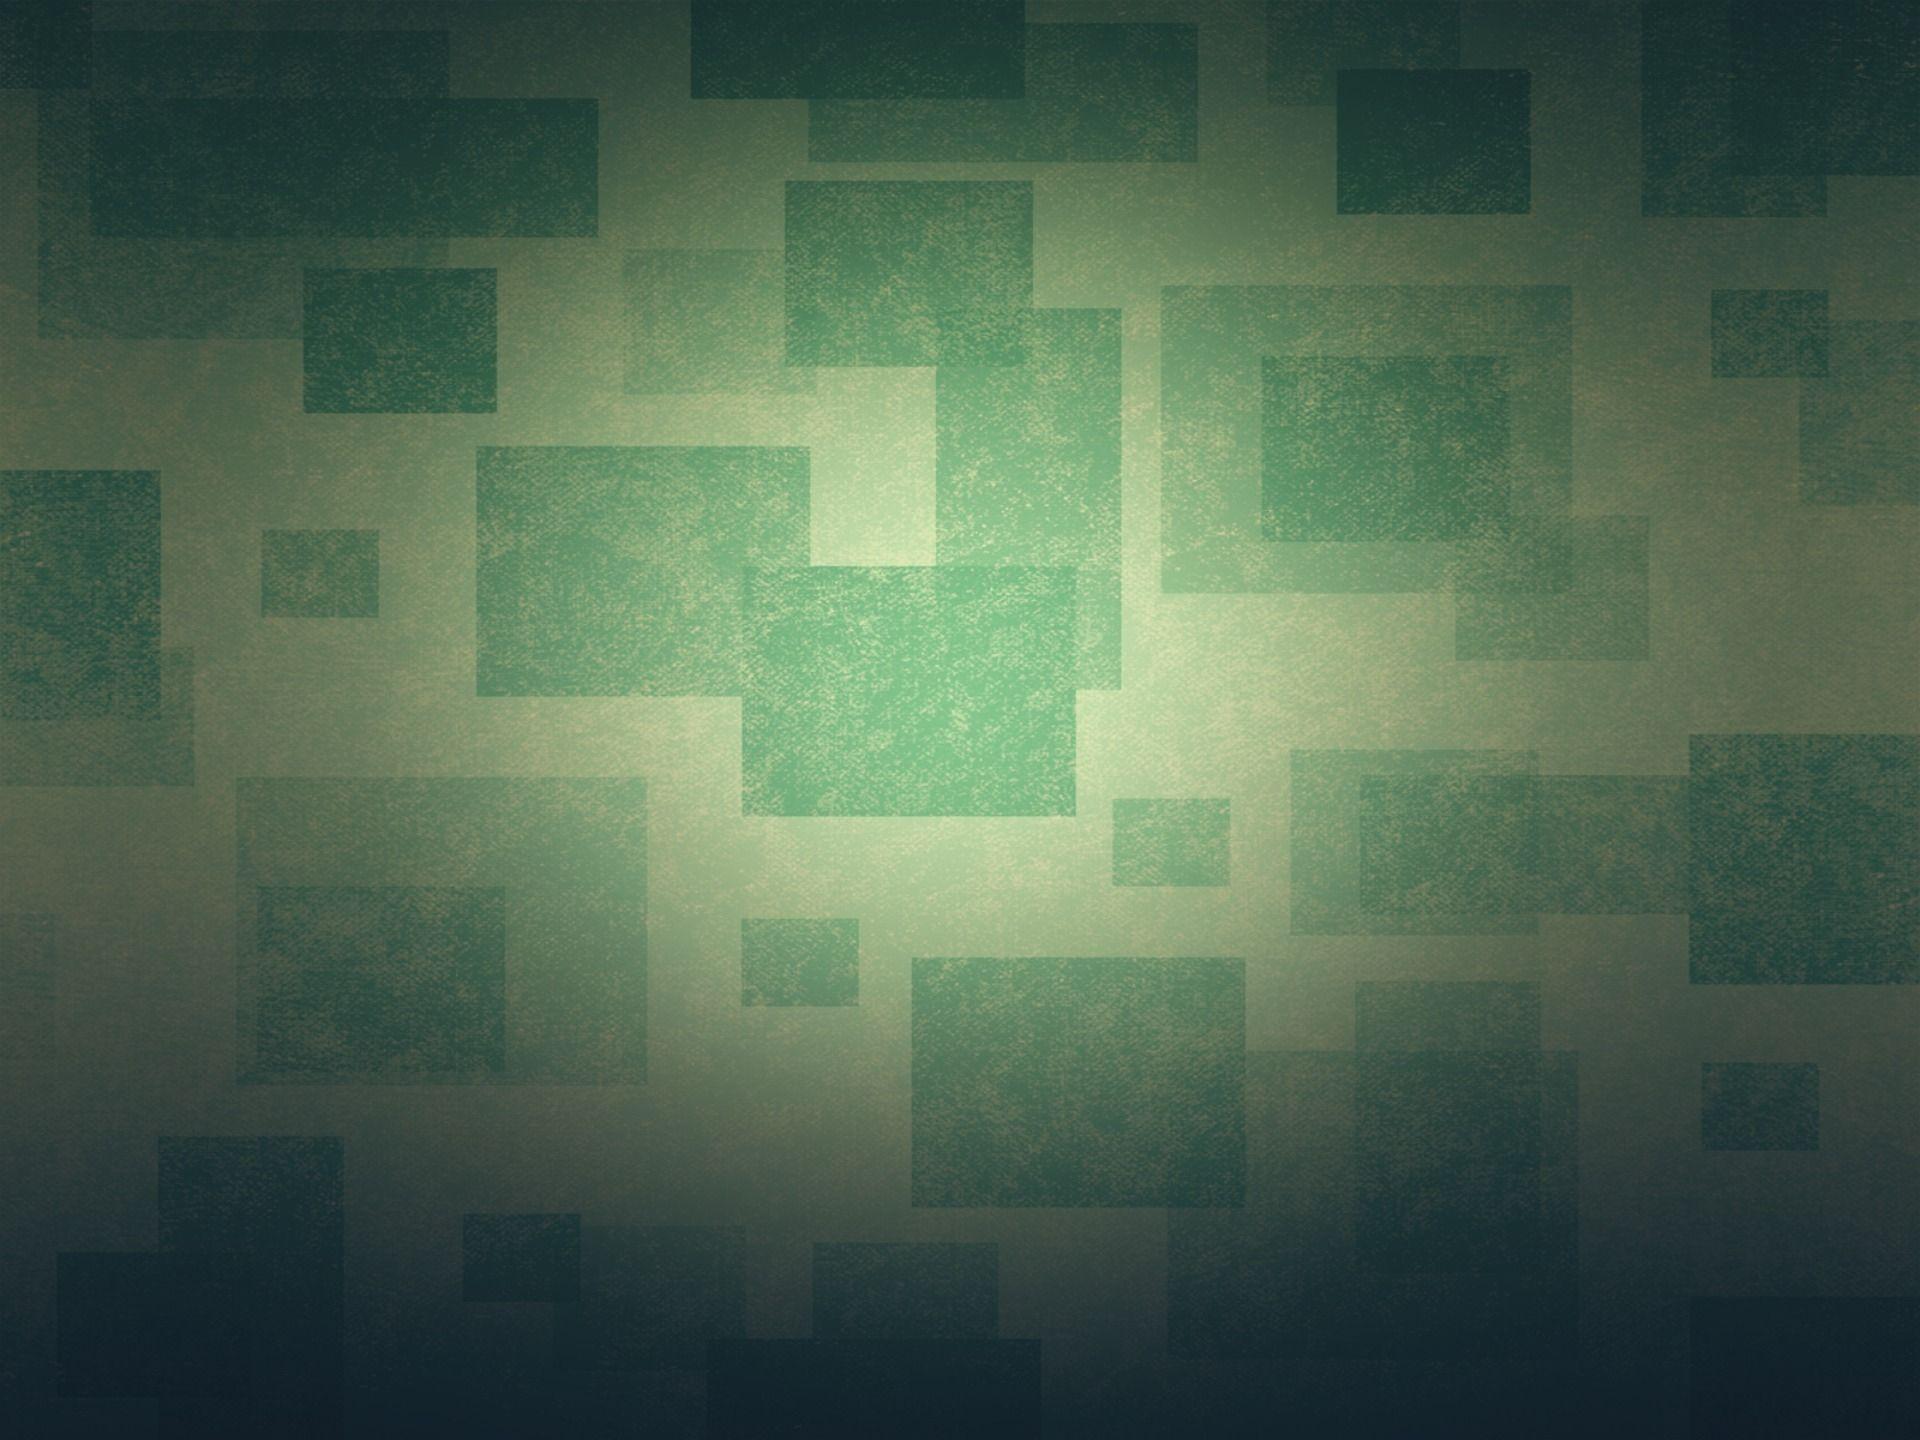 Wallpaper : texture, background, blocks, light 1920x1440 - goodfon .